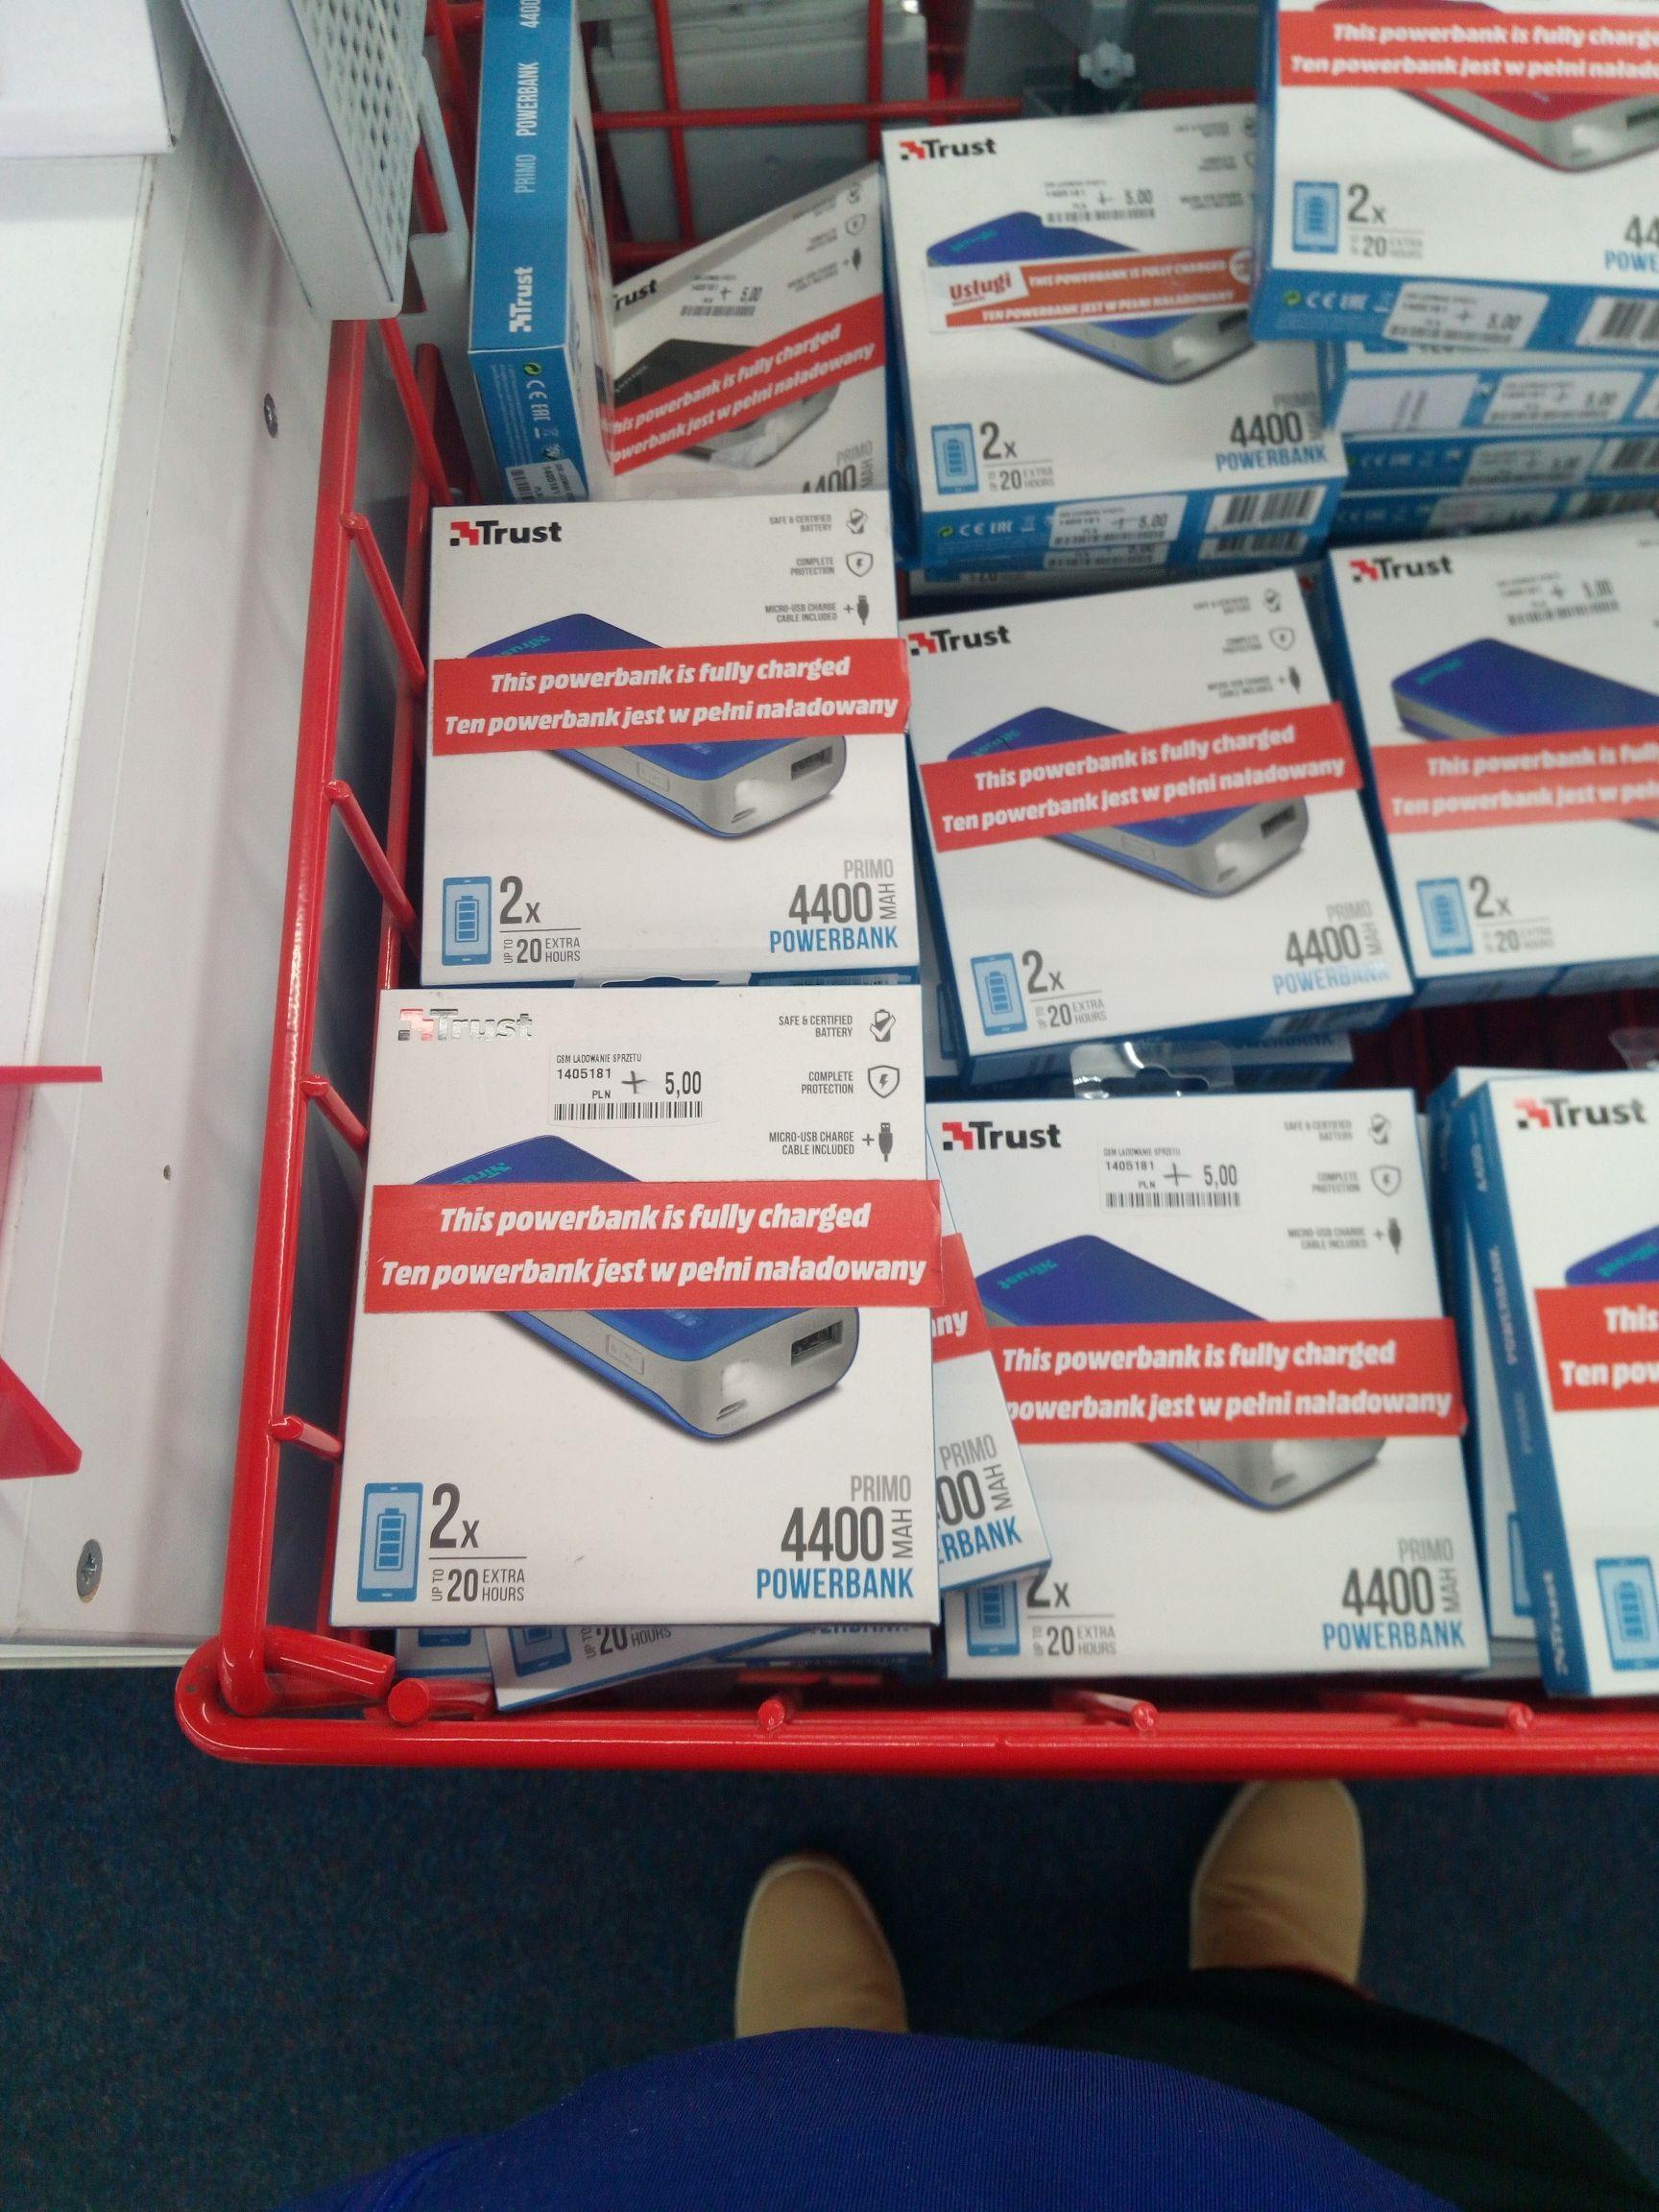 Powerbank Trust Primo 4400 mAh USB Niebieski Kraków Media Markt Galeria Krakowska.